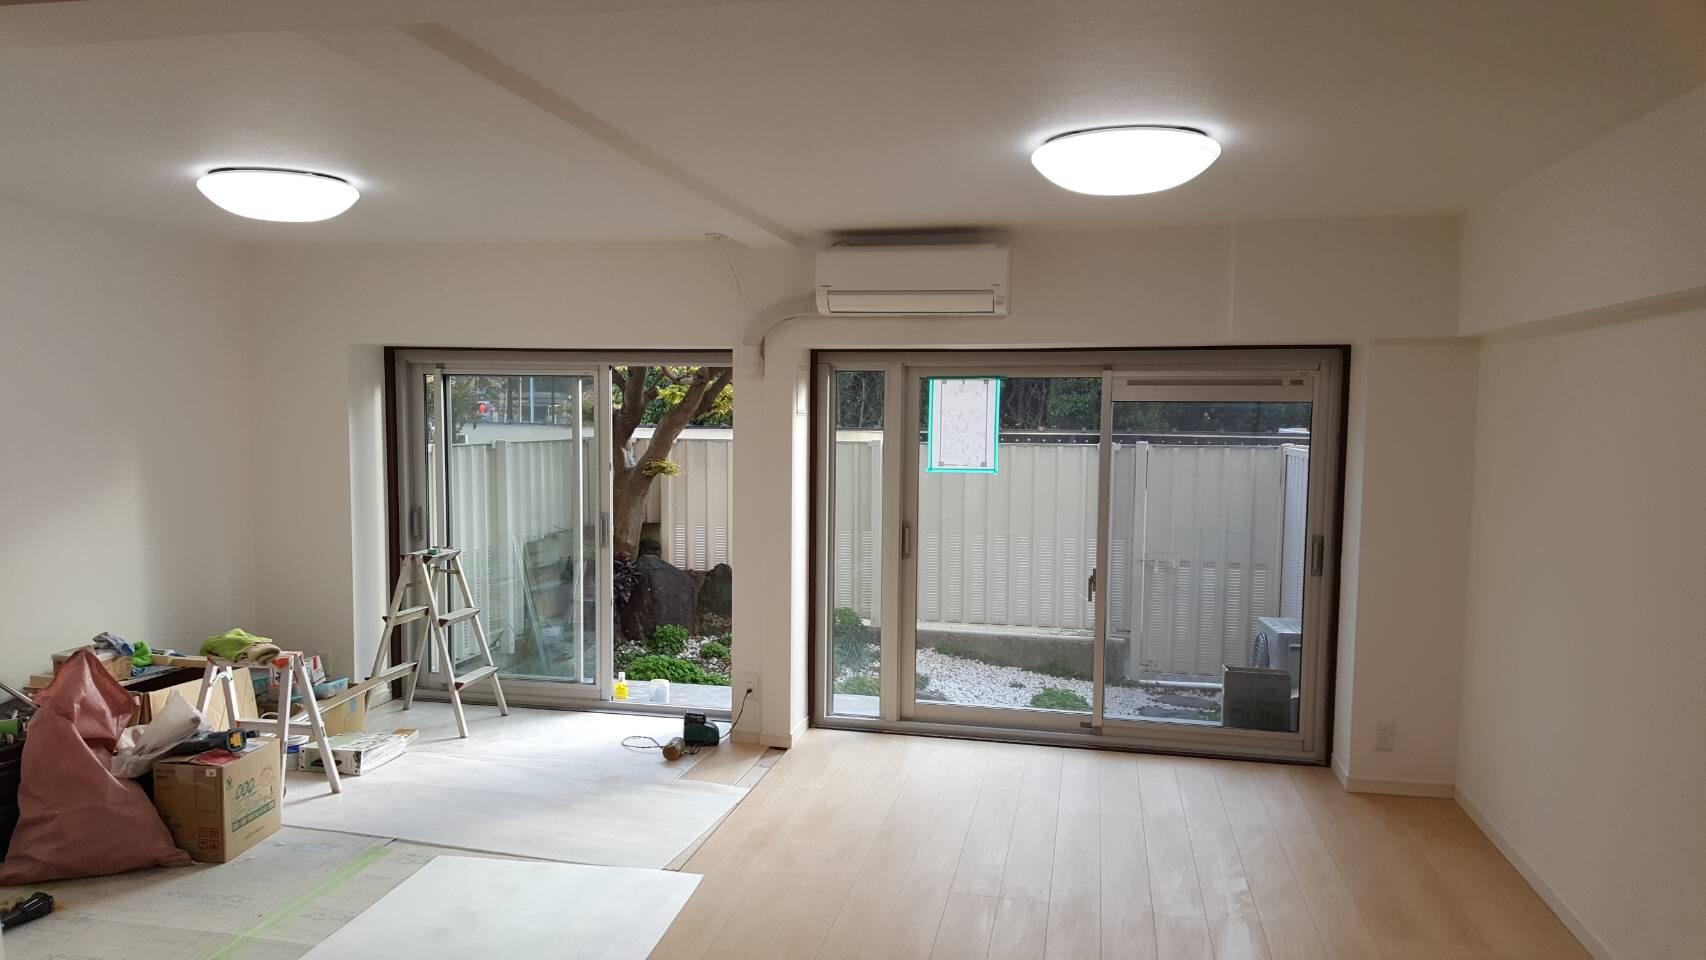 20万円台!間仕切り壁を撤去して、2部屋を1部屋にするリフォーム事例/東京都